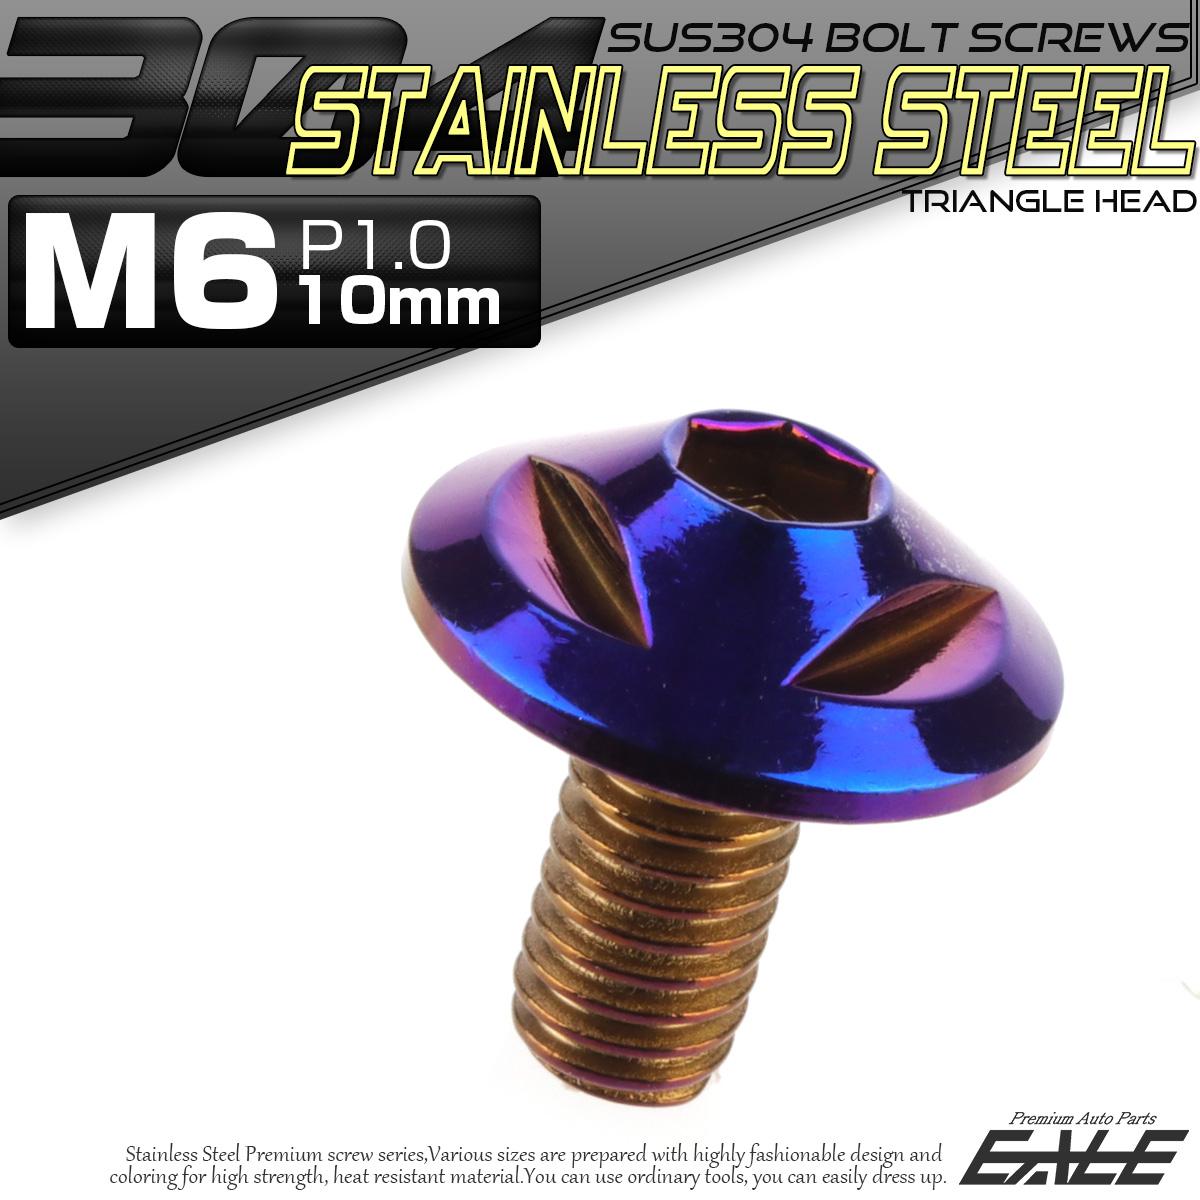 【ネコポス可】 SUS304 フランジ付 ボタンボルト M6×10mm P1.0 六角穴  焼きチタン トライアングルヘッド ステンレス製  TR0162